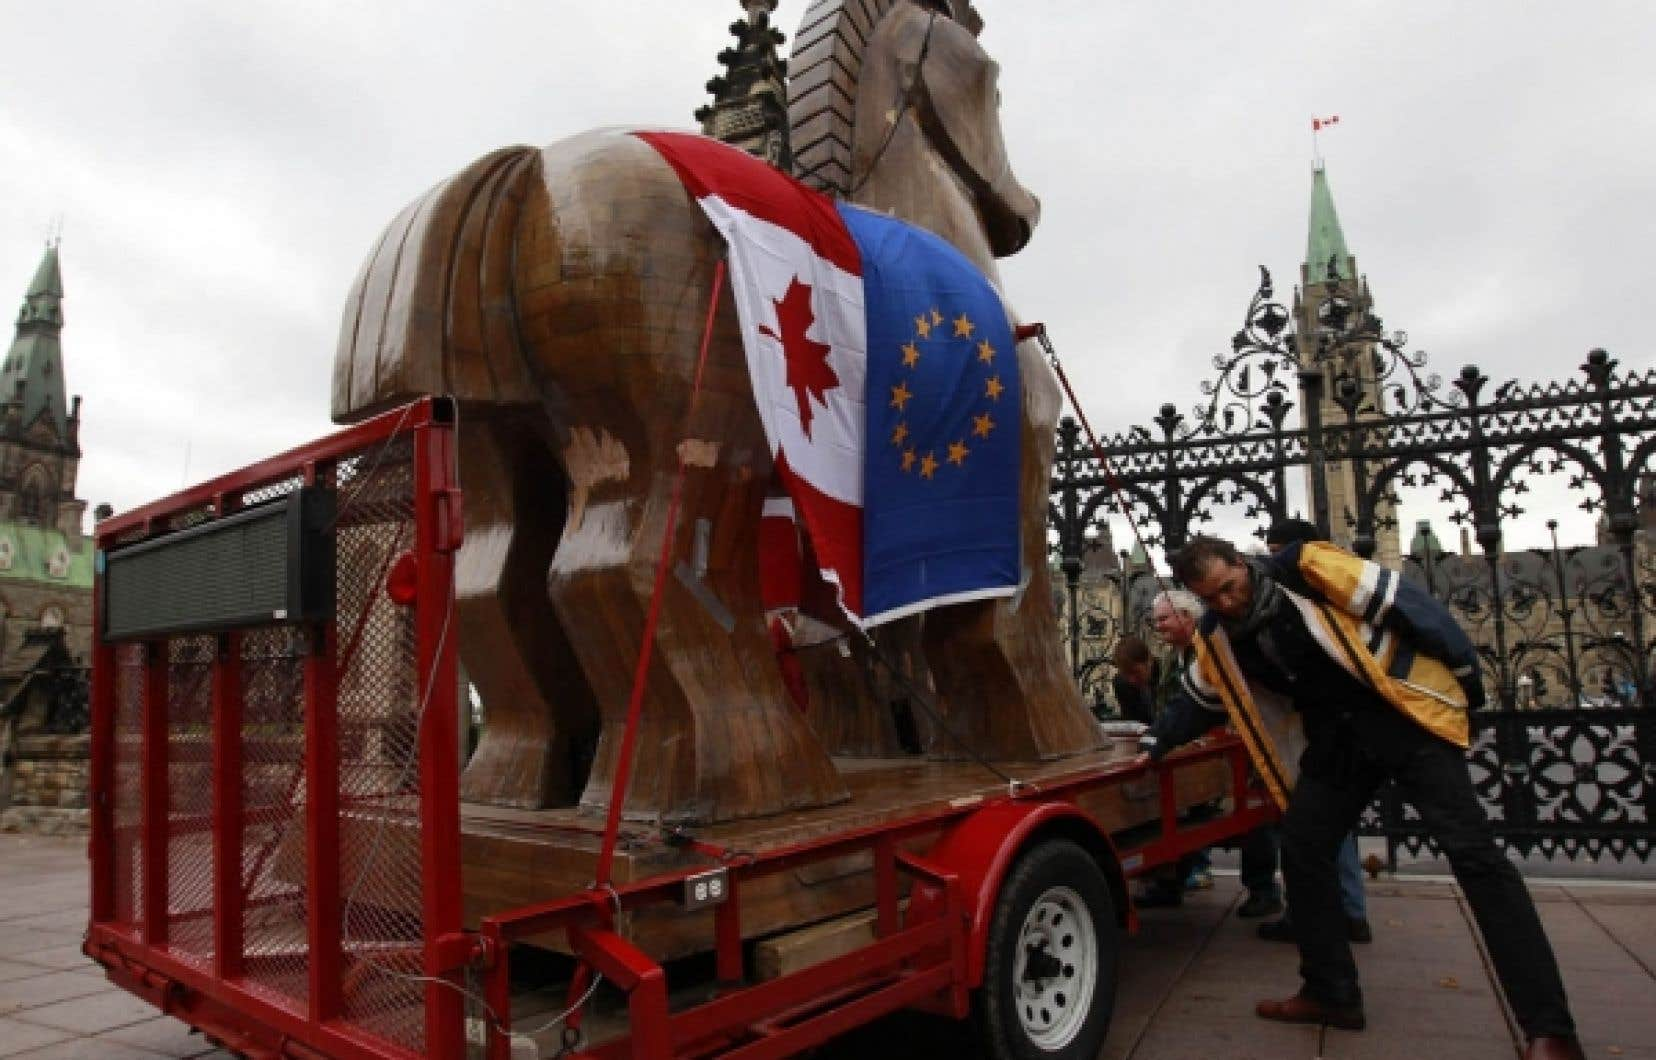 Les opposants &agrave; l&rsquo;accord de libre-&eacute;change entre le Canada et l&rsquo;Europe ont tent&eacute; en vain de conduire leur &laquo;cheval de Troie&raquo; sur la colline parlementaire.<br />